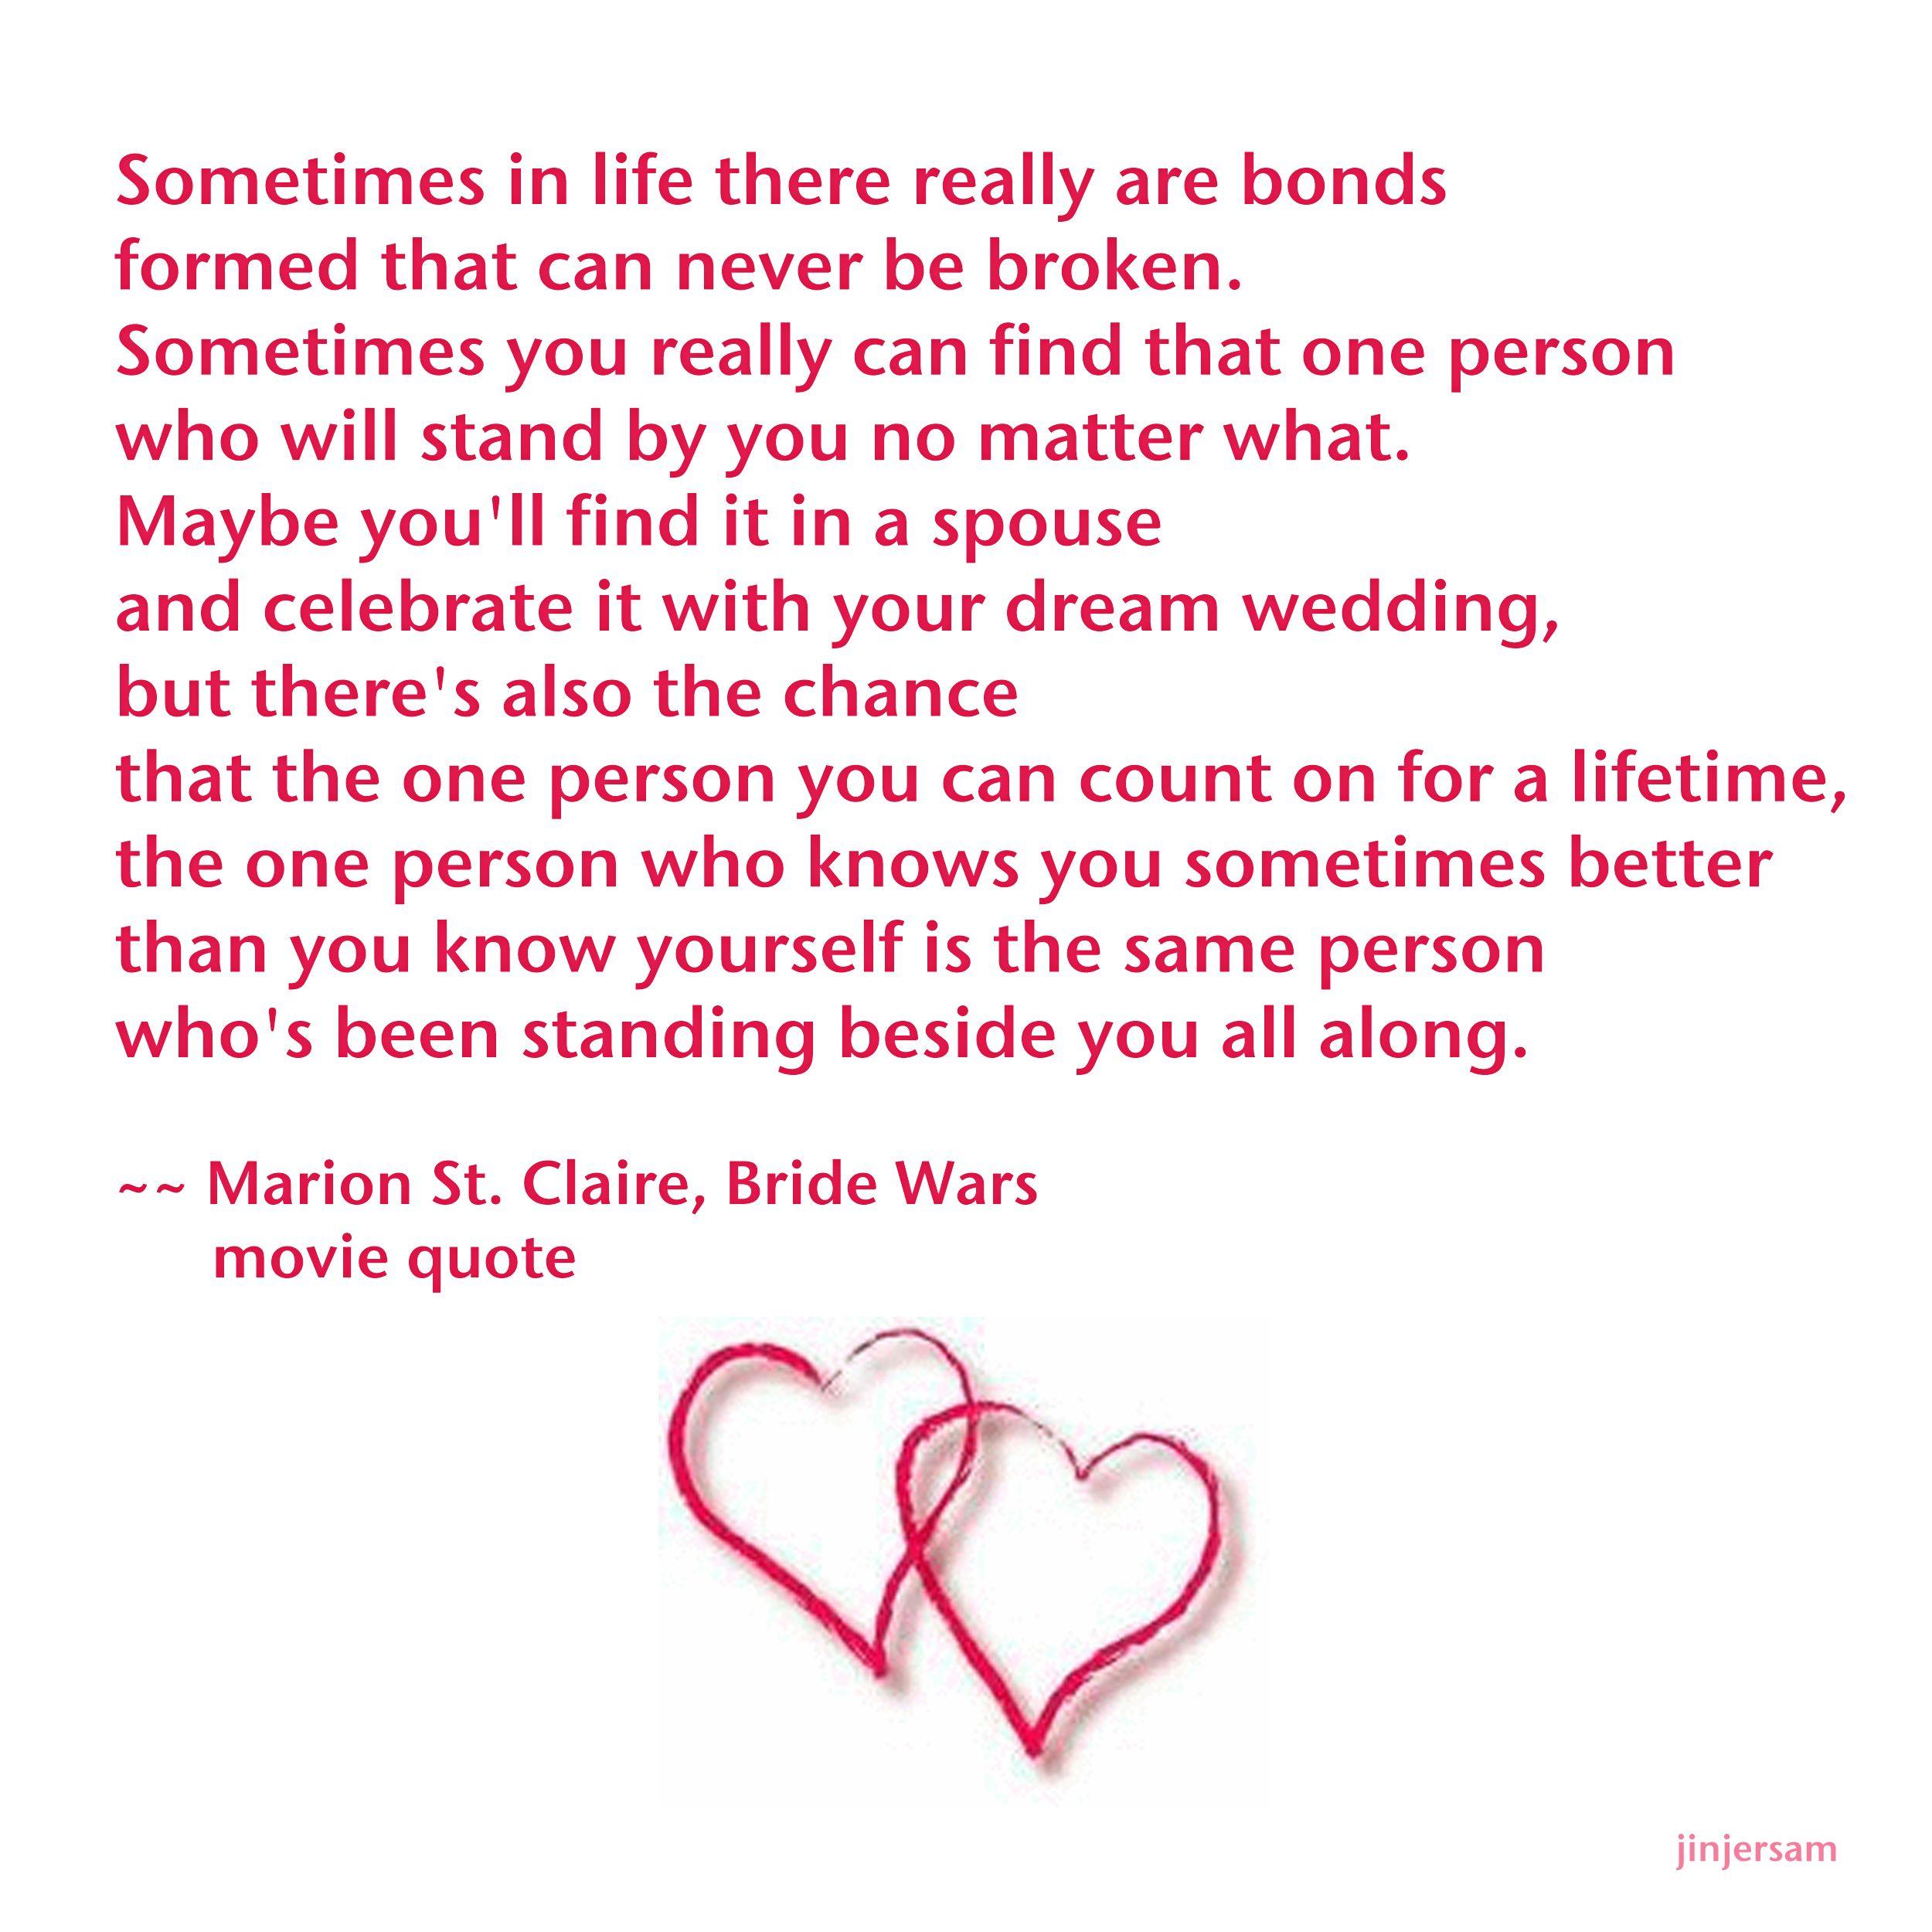 Bride Wars xo